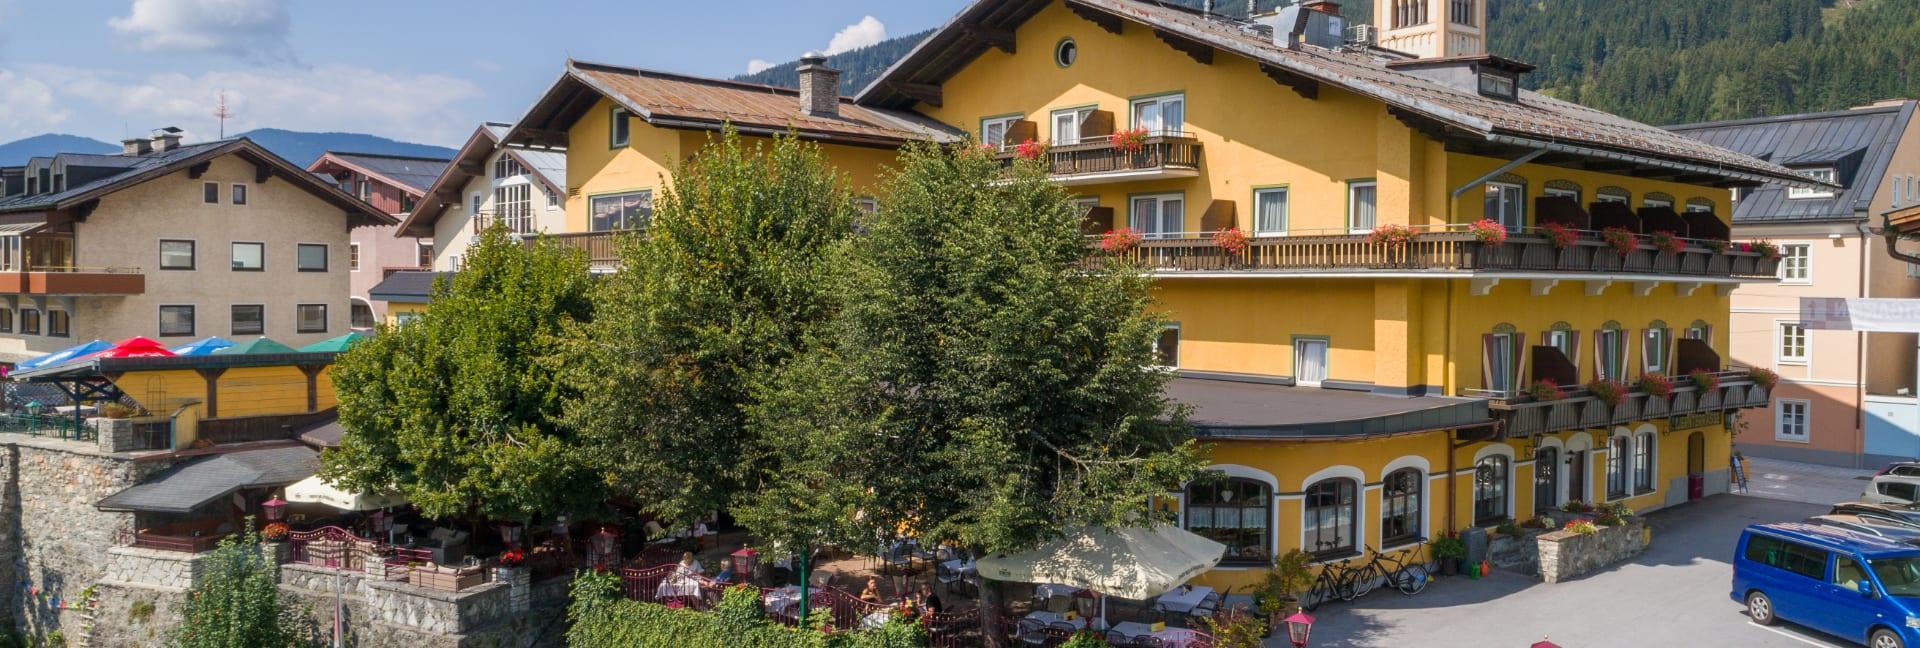 Hotel Stegerbräu mit seinem Restaurant und großem Gastgarten mit  3 Linden auf der Rückseite des Hauses